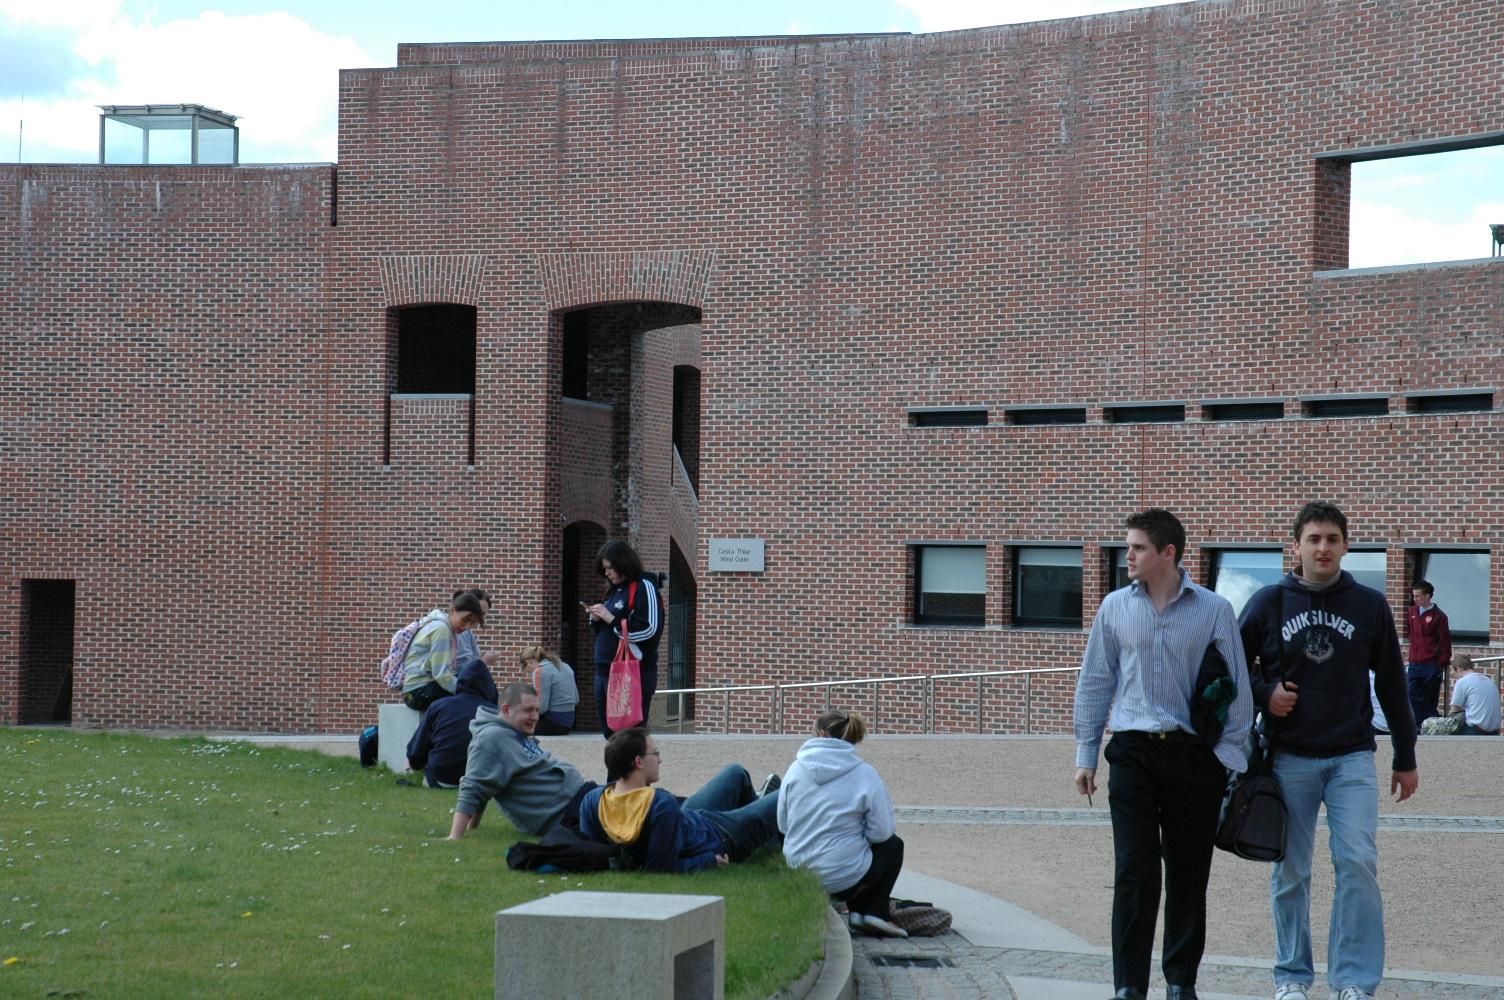 CIT Bishopstown Campus Plaza 2